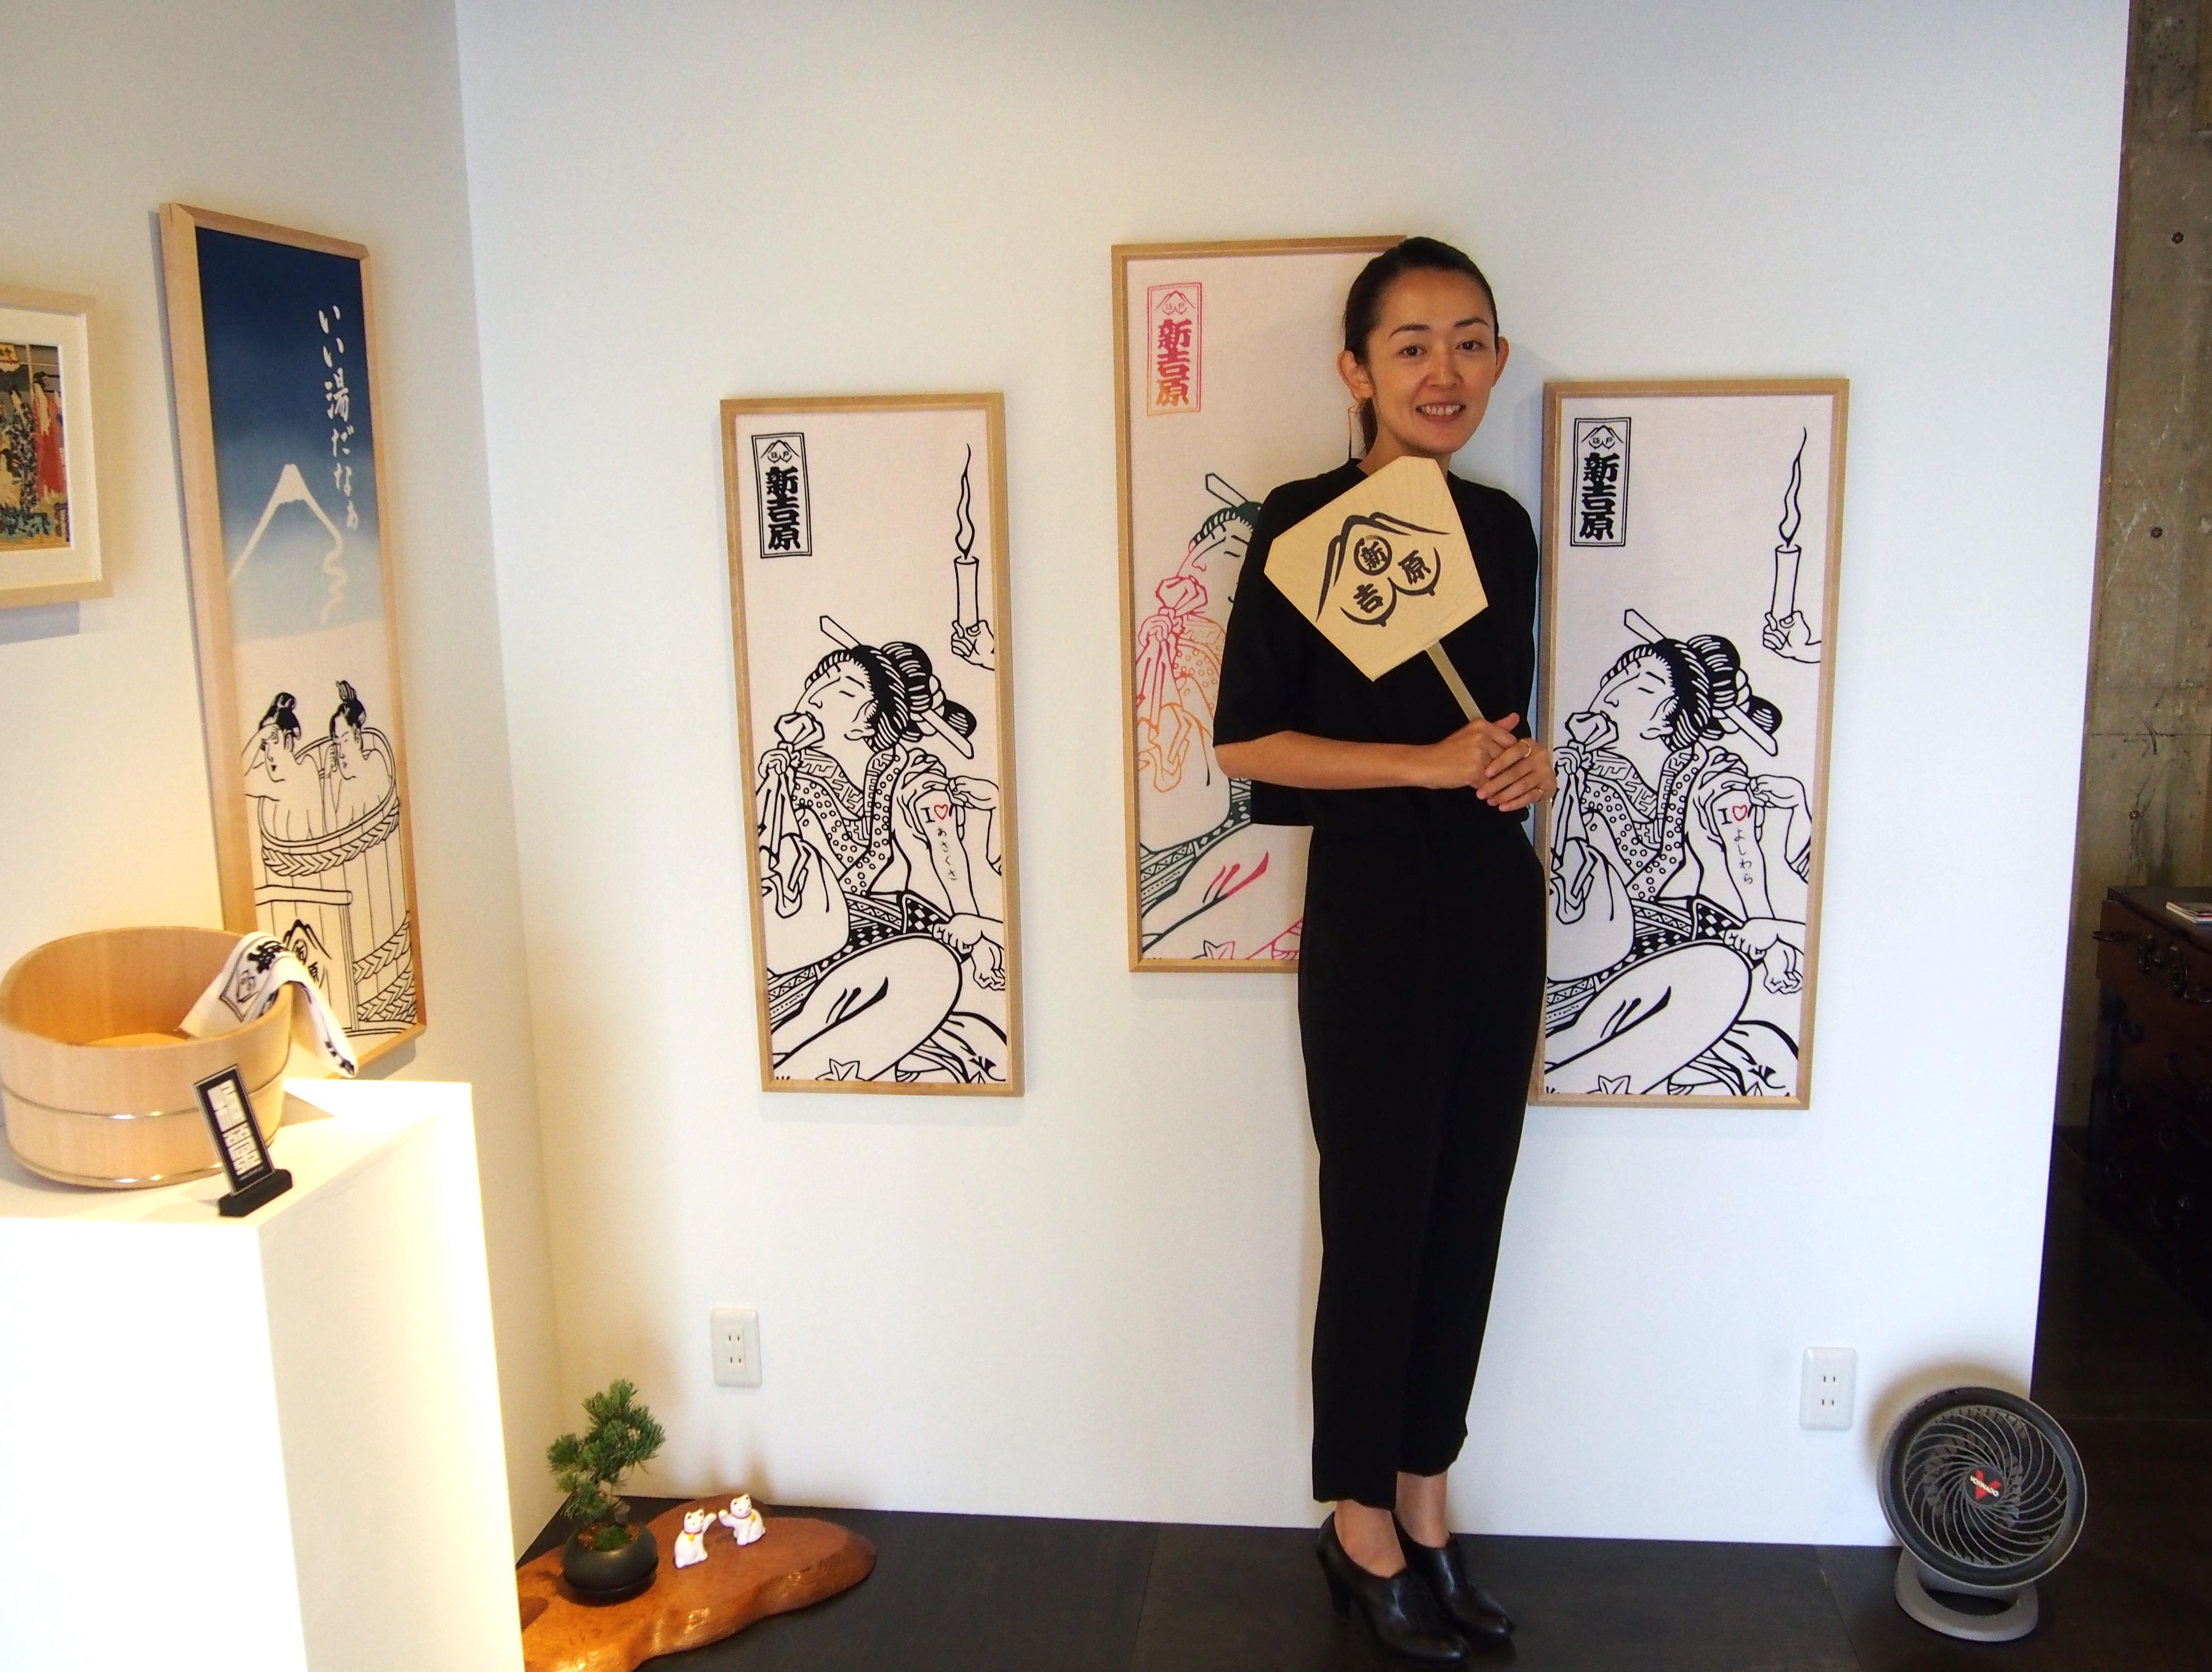 shin-yoshiwara yayoiokano shop newshop souvenir gift Tokyo